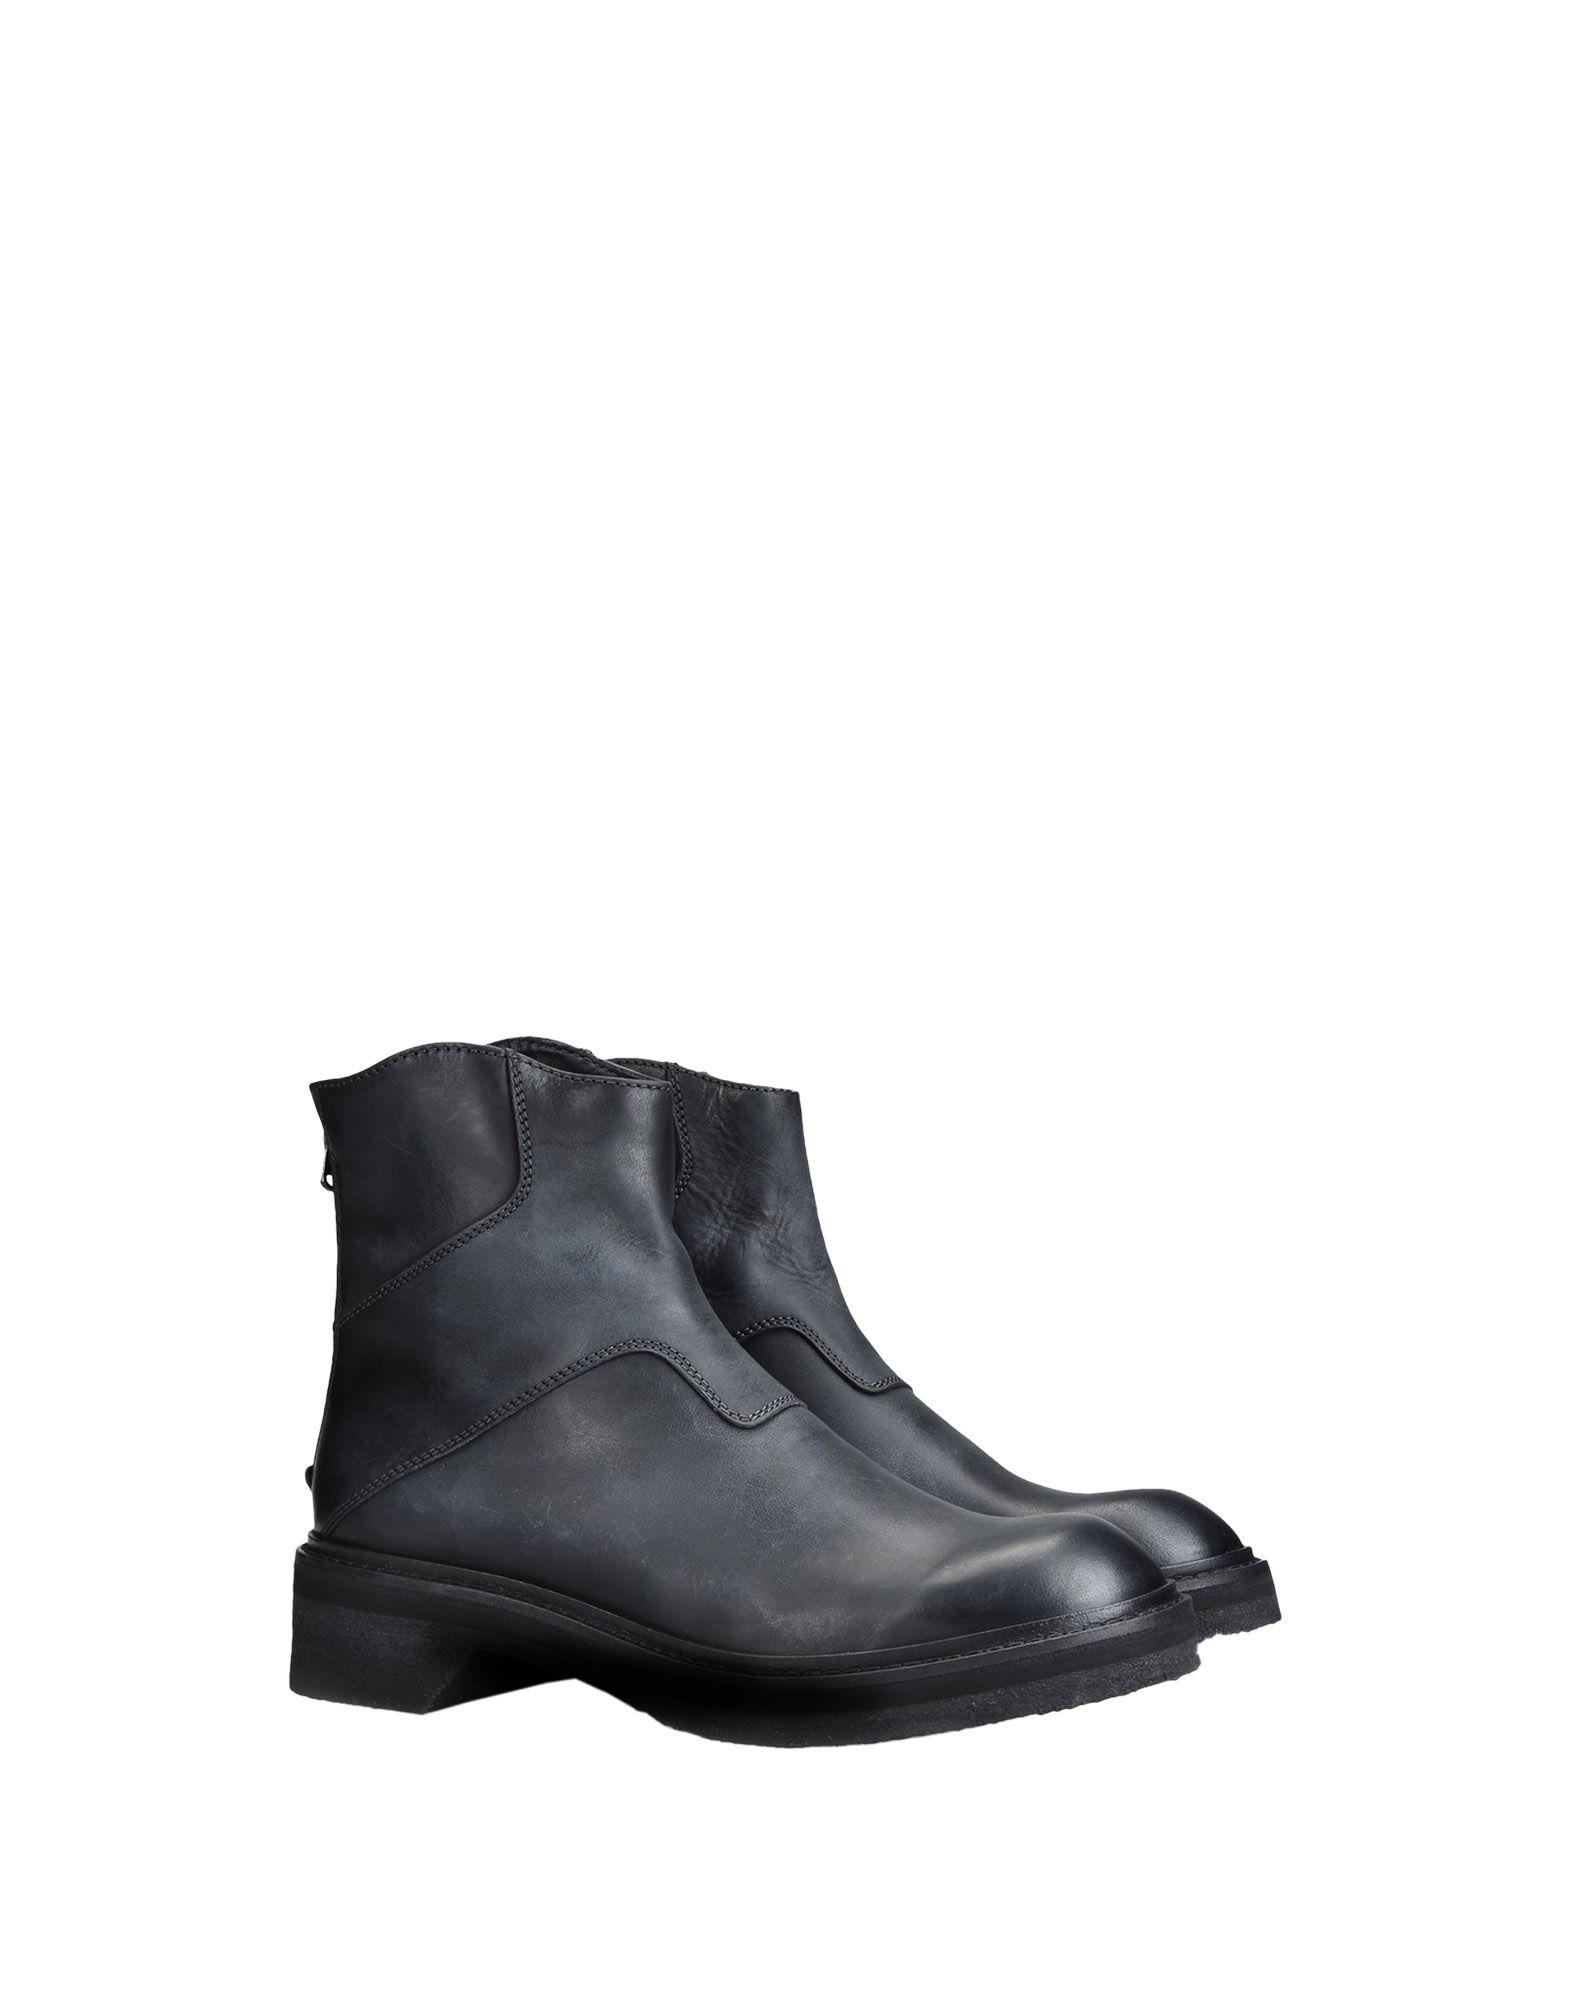 Emporio Armani Stiefelette Herren  11373066WF Gute Qualität beliebte Schuhe